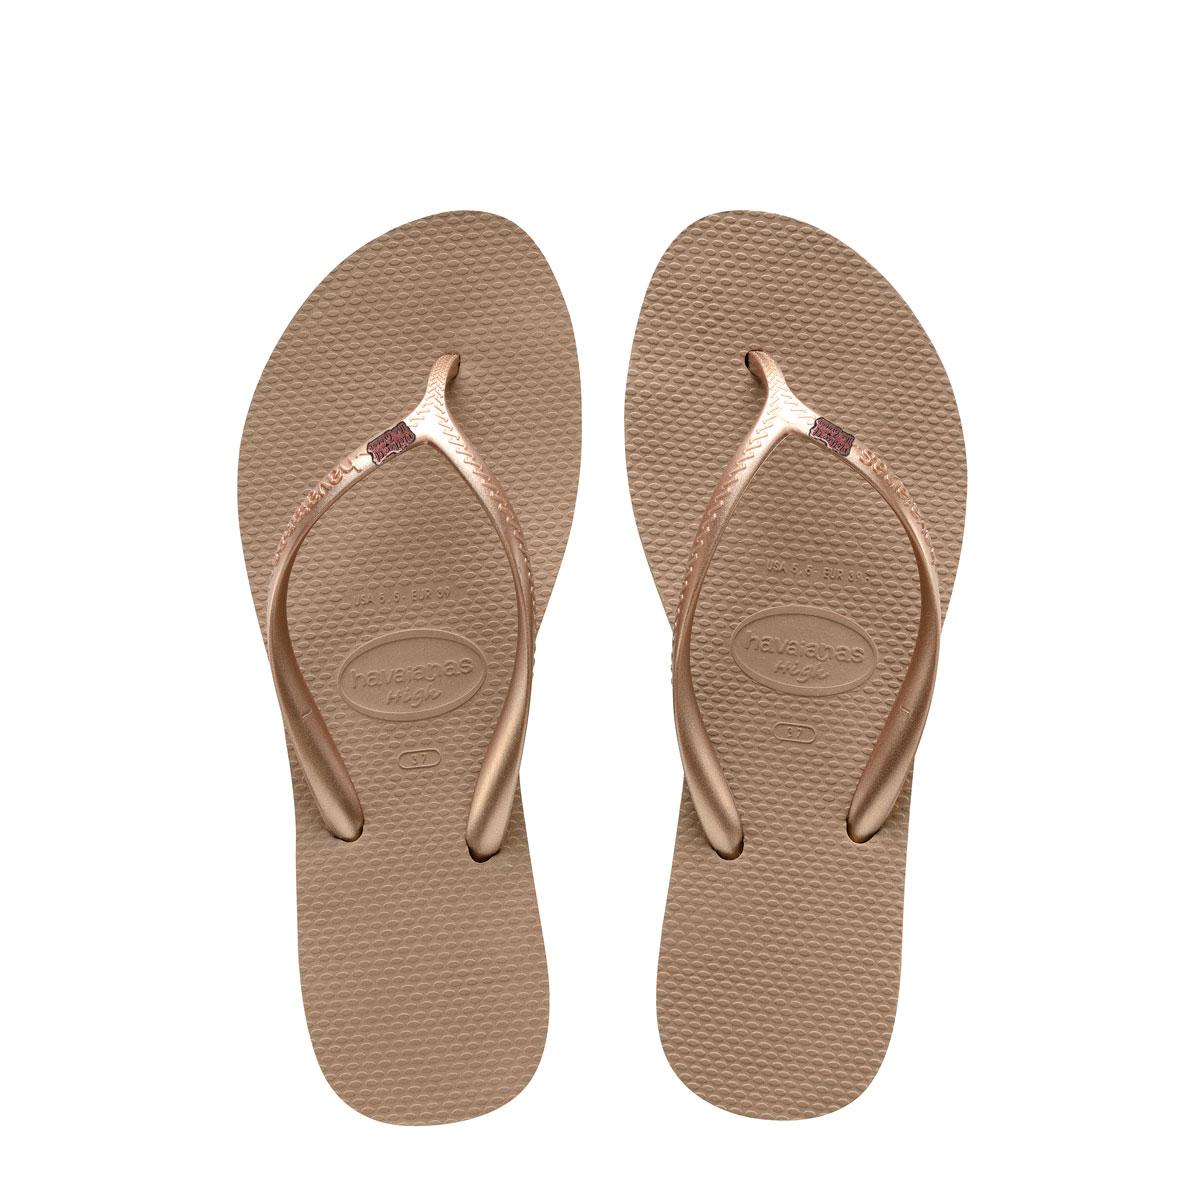 Havaianas Heel Rose Gold Flip-Flops Pink Glitter Mother of the Groom